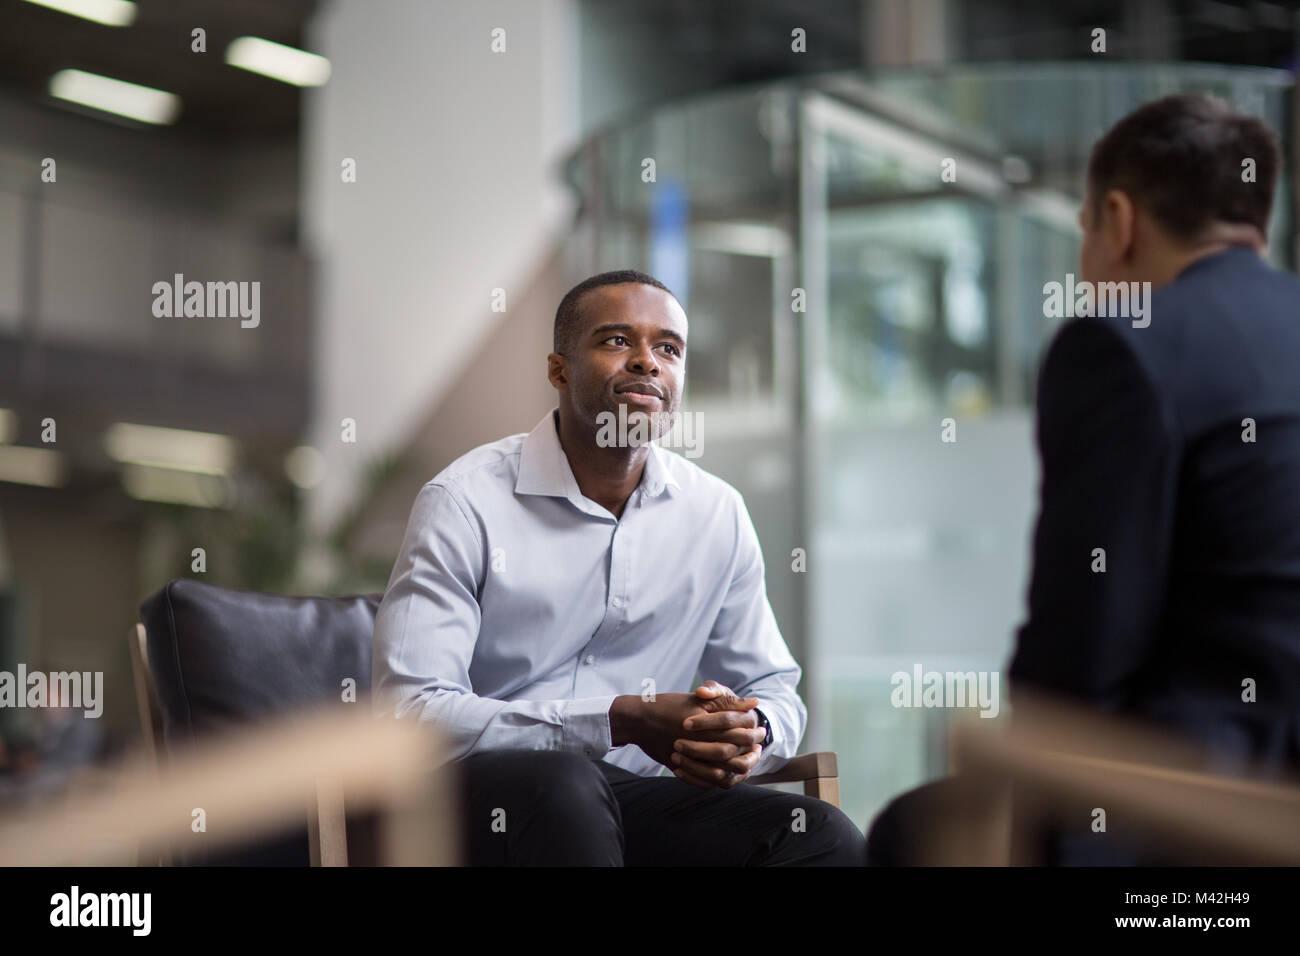 L'homme a posé une question dans une interview Photo Stock